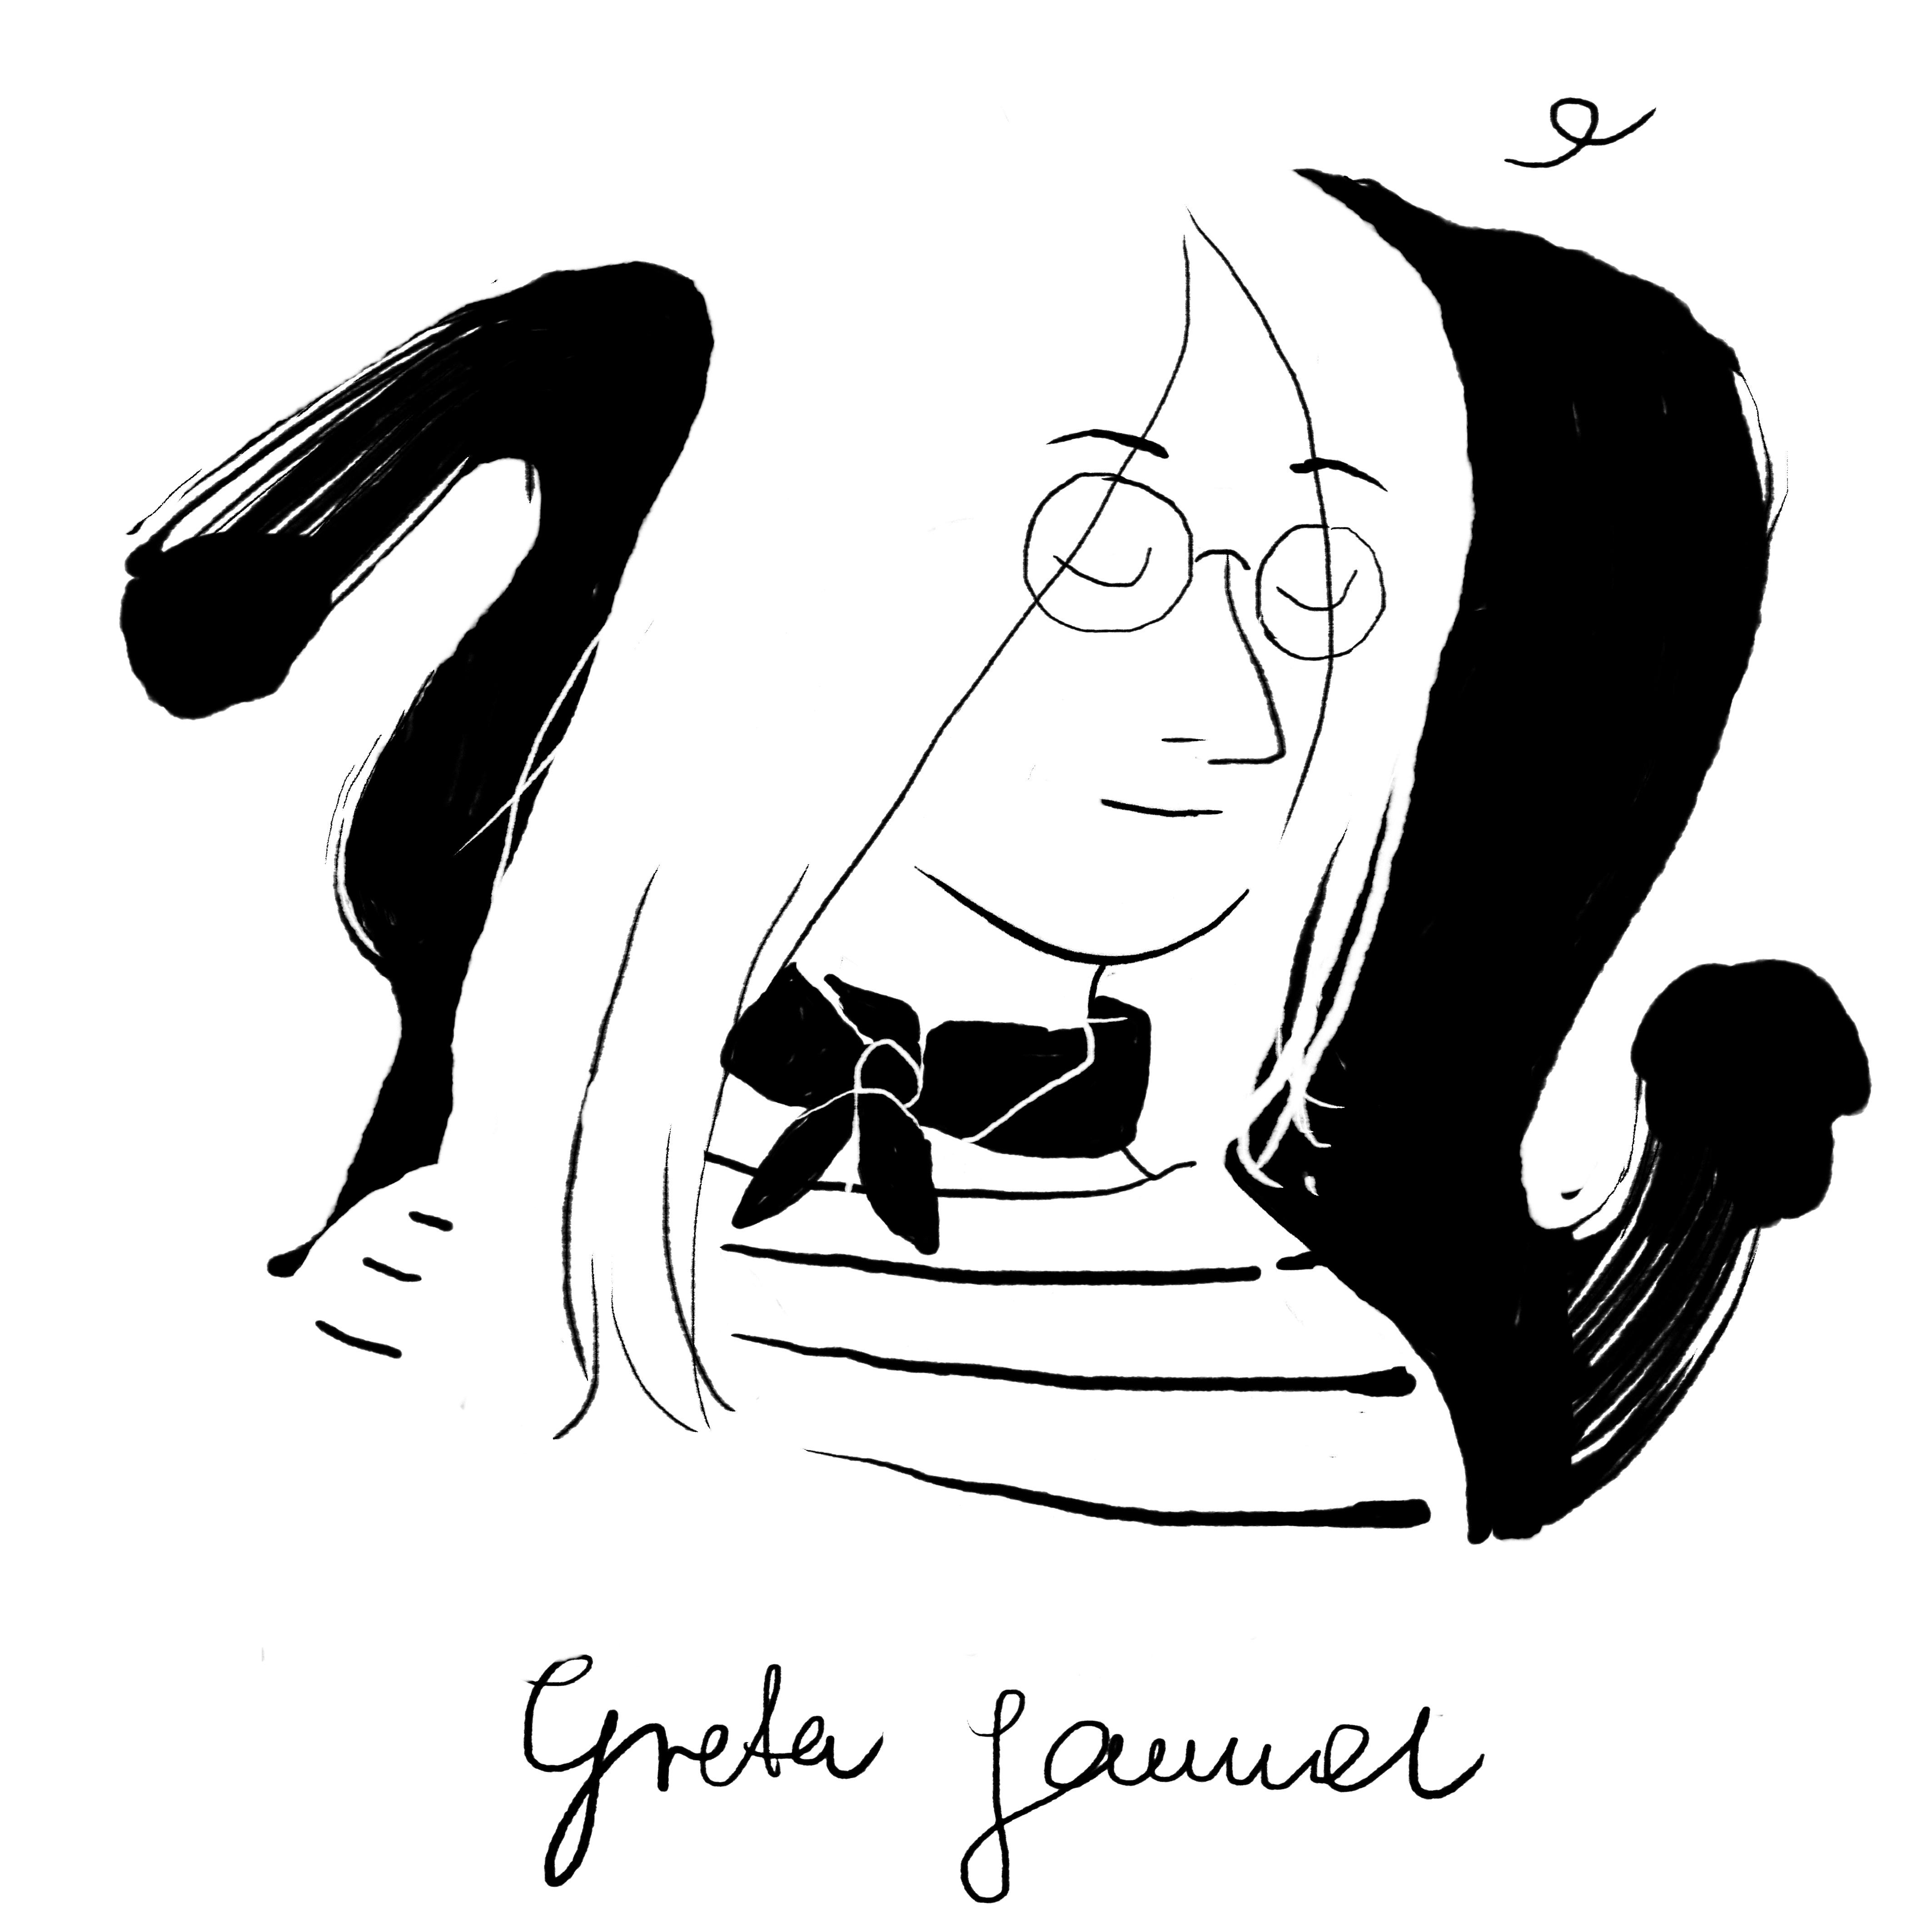 Greta Samuel